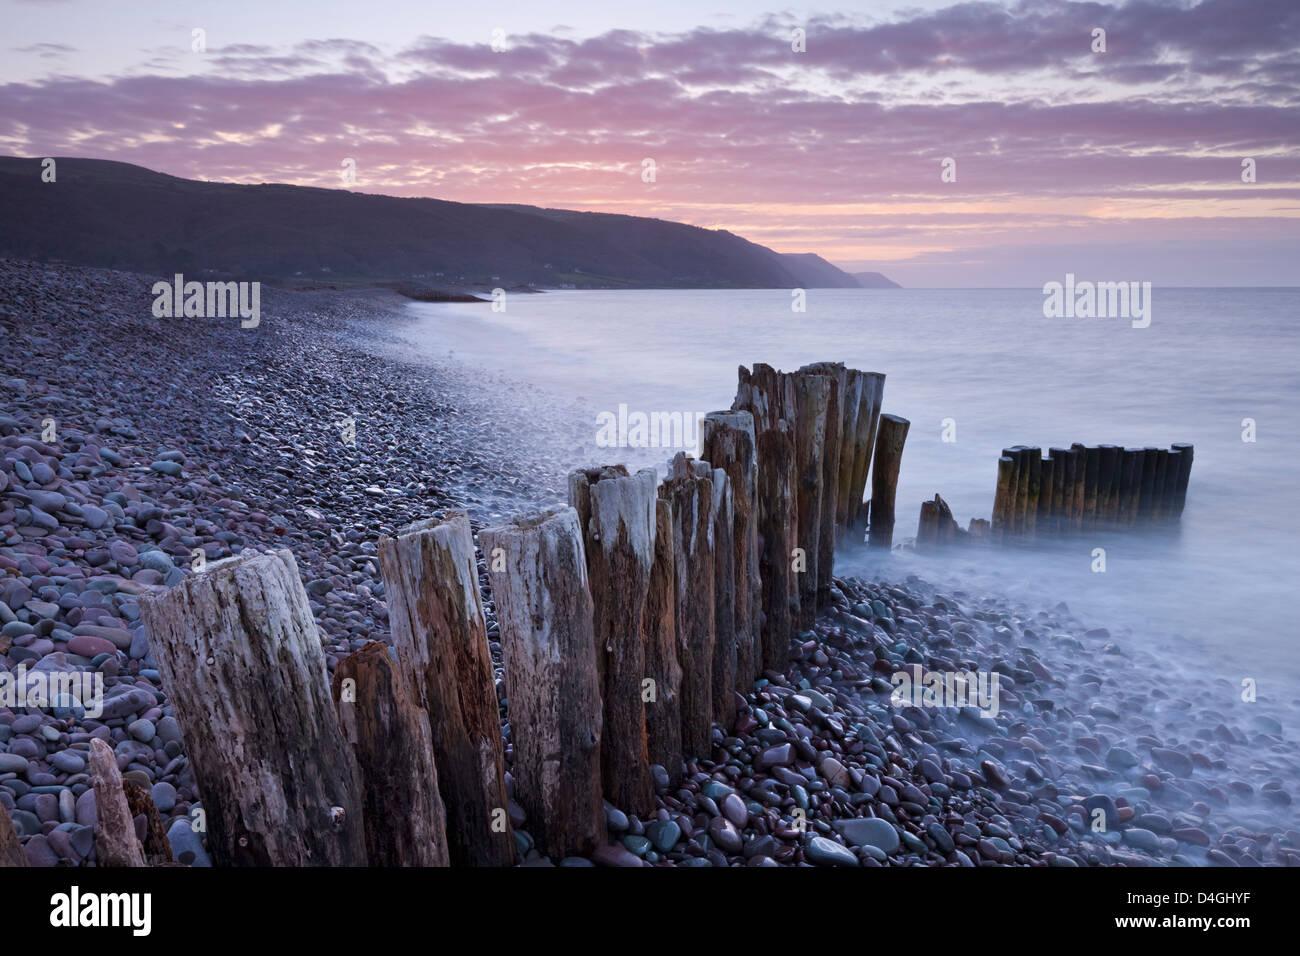 Espigón de madera sobre la playa, Bossington Exmoor, Somerset. Invierno (marzo de 2012). Imagen De Stock